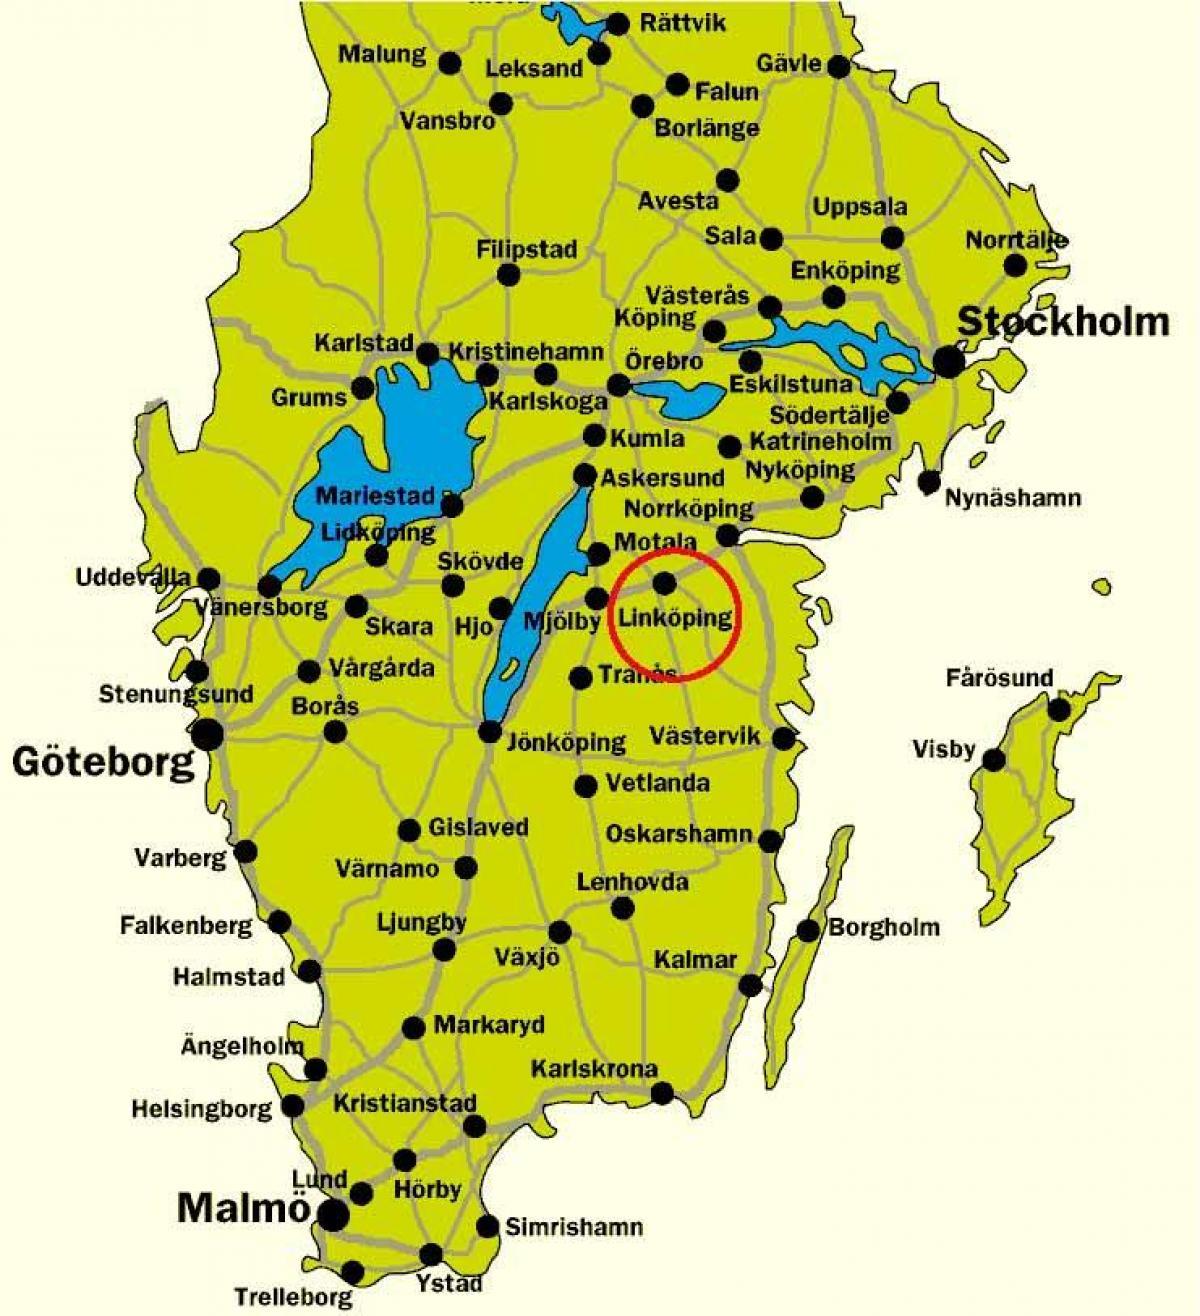 Karta Sverige Borlange.Sodra Sverige Karta Karta Over Sodra Sverige Norra Europa Europa